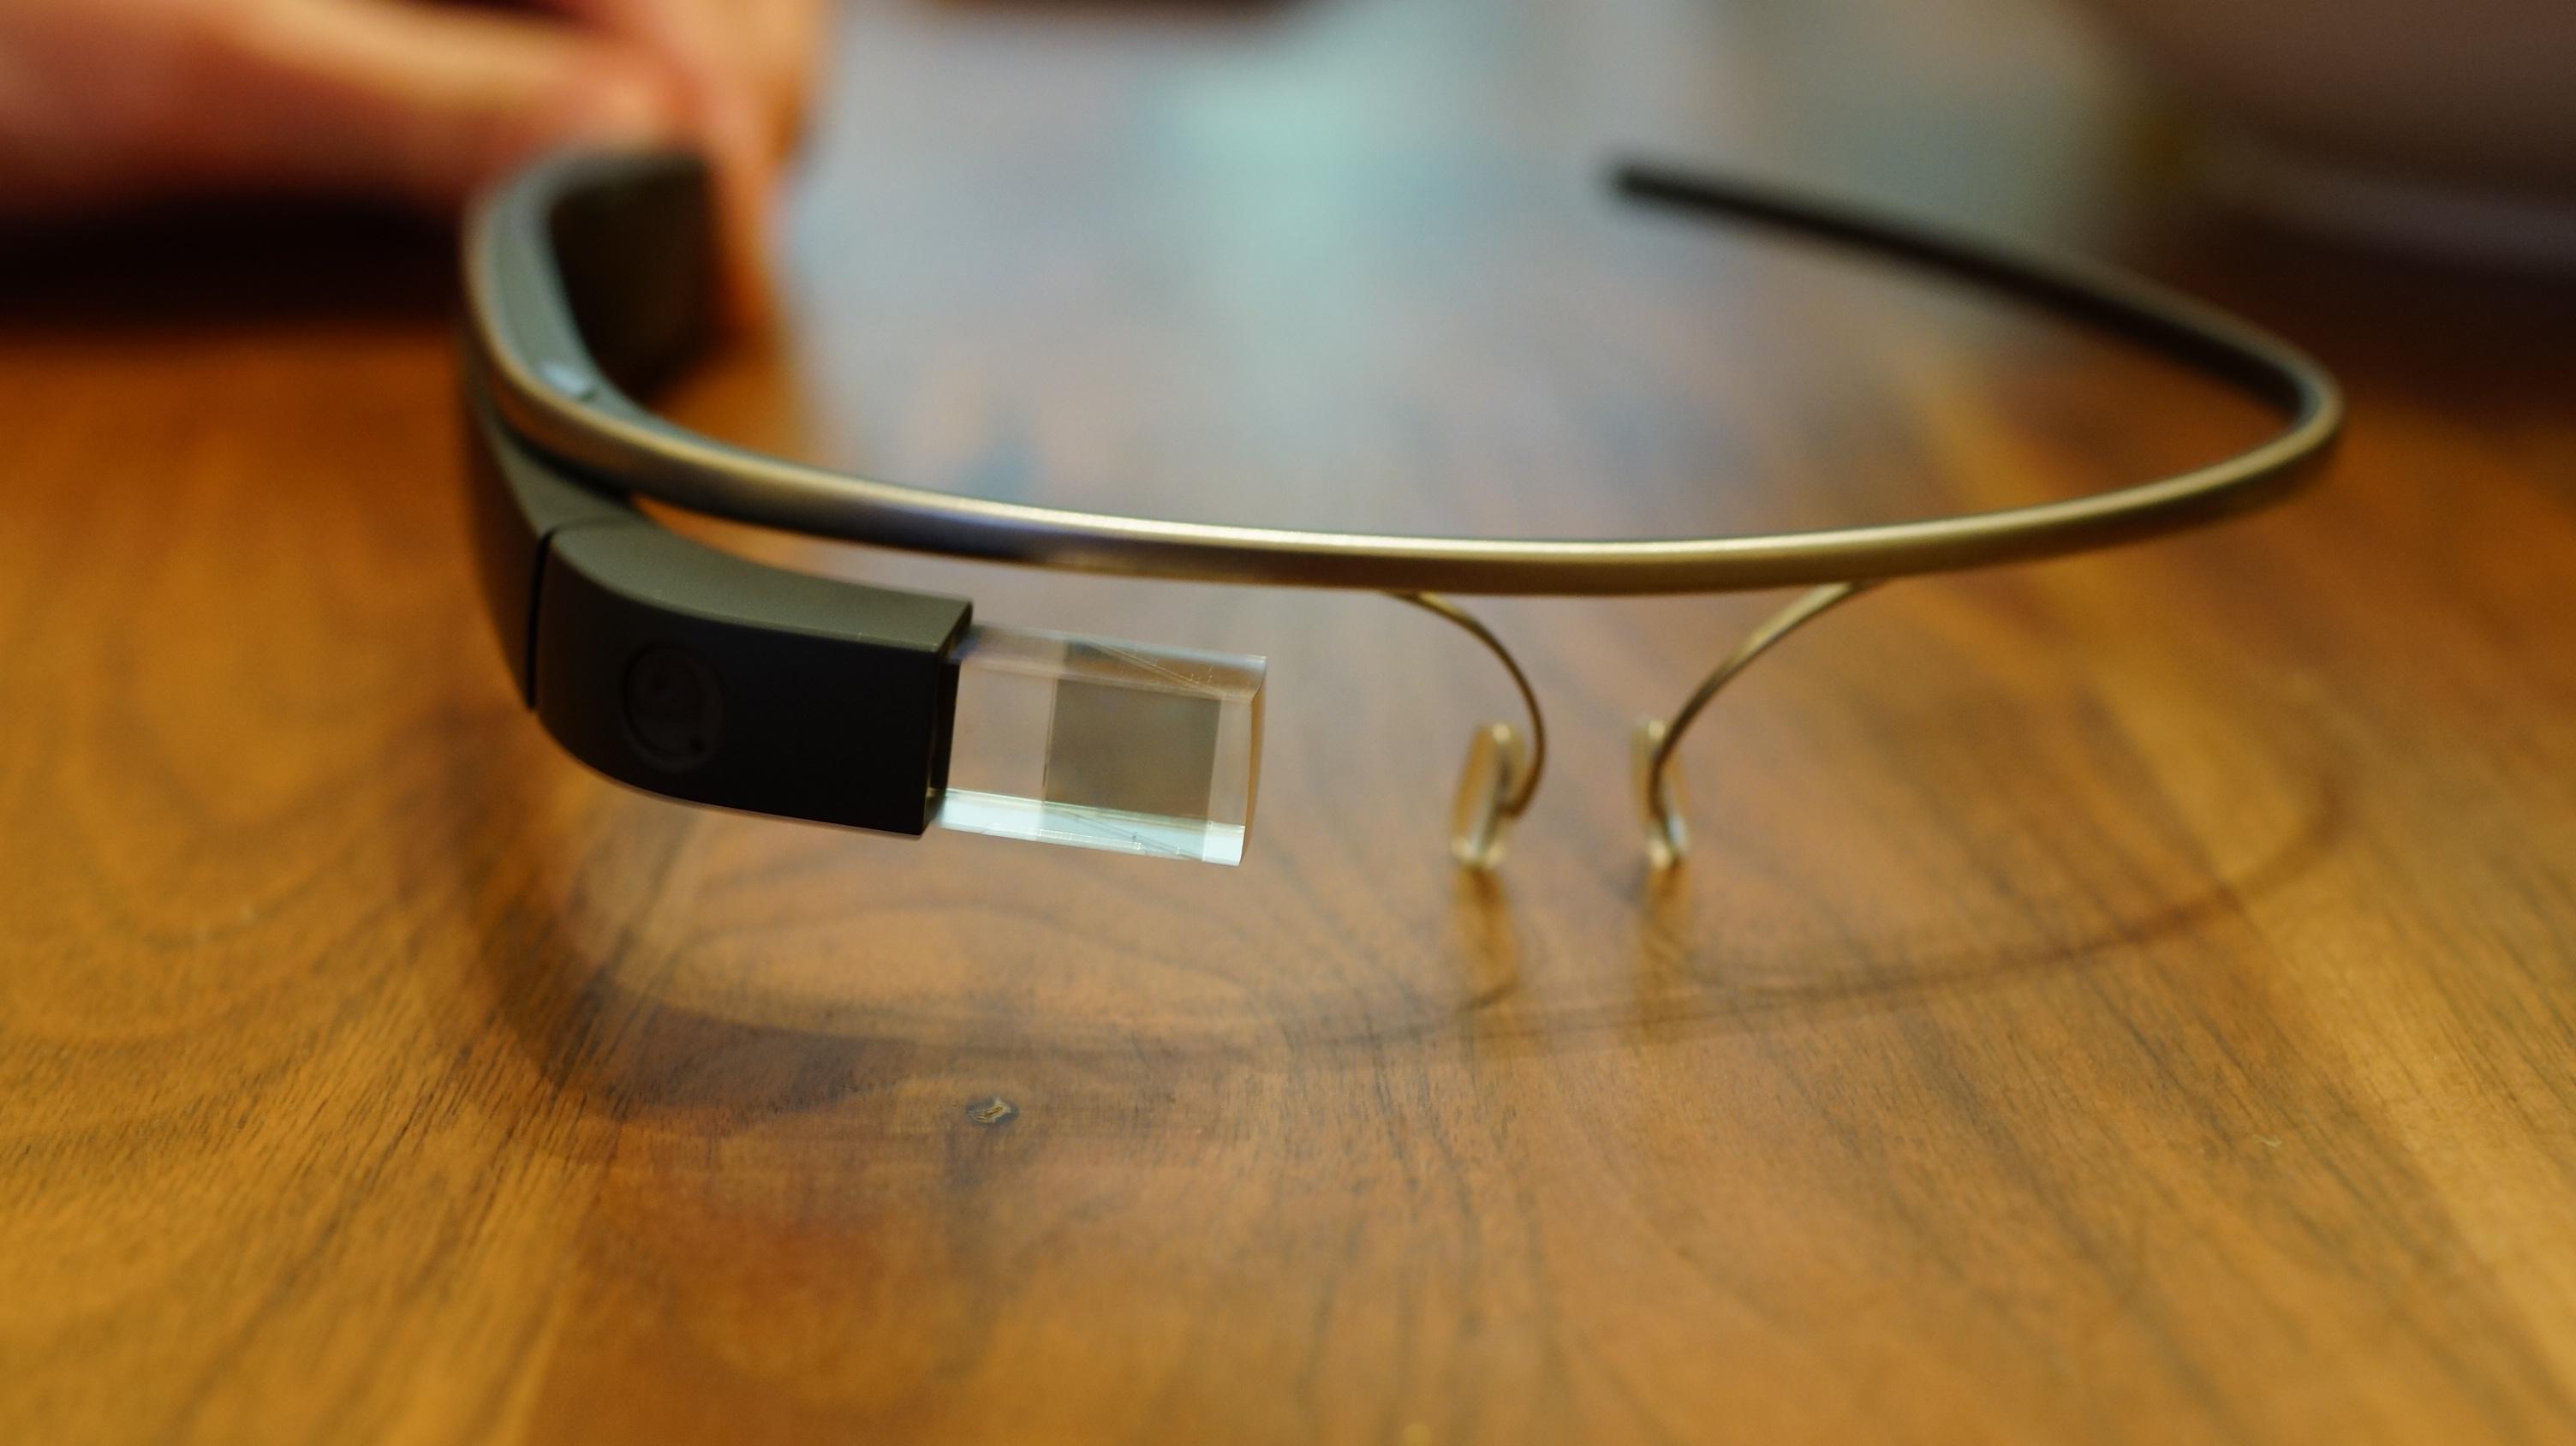 """Strafzettel für die Nutzung bzw. das Tragen der """"Google Glass"""" am Steuer"""